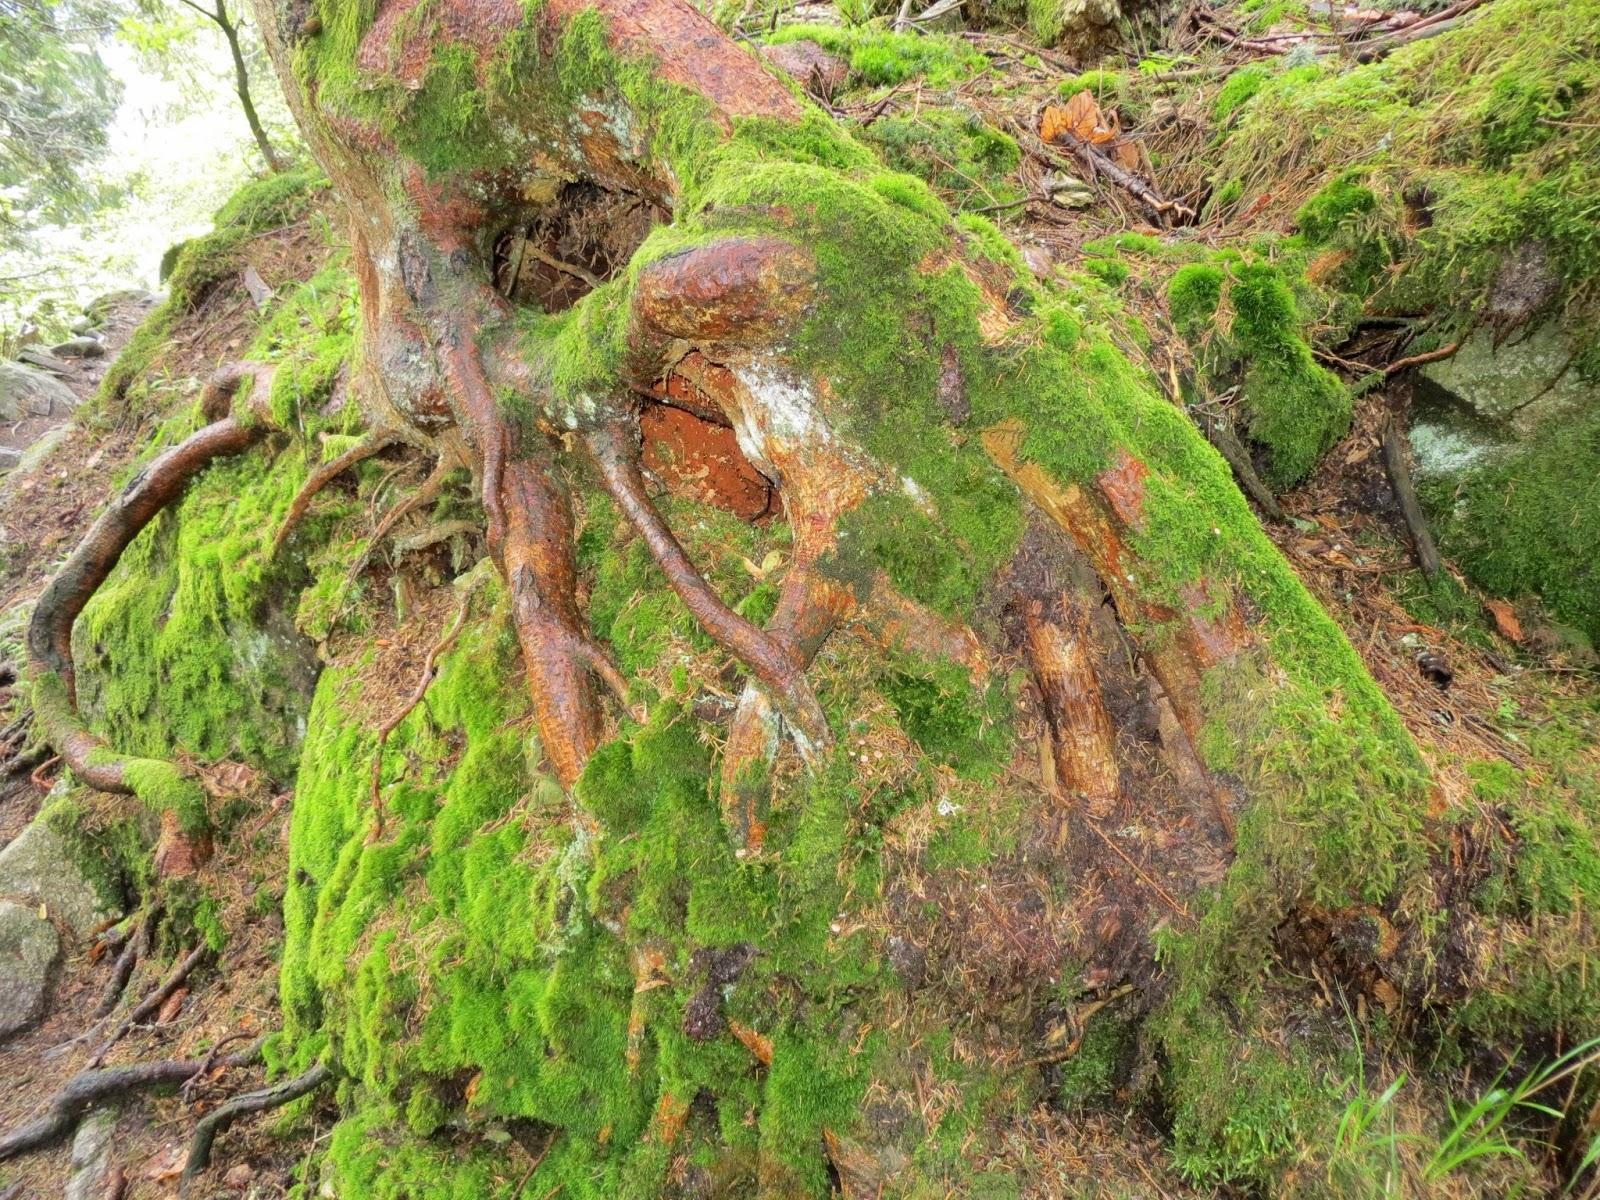 La rimaye l 39 amour des montagnes la boucle de sondernach le sentier des roches 7 9 juin 2013 - Mousse sur les arbres ...